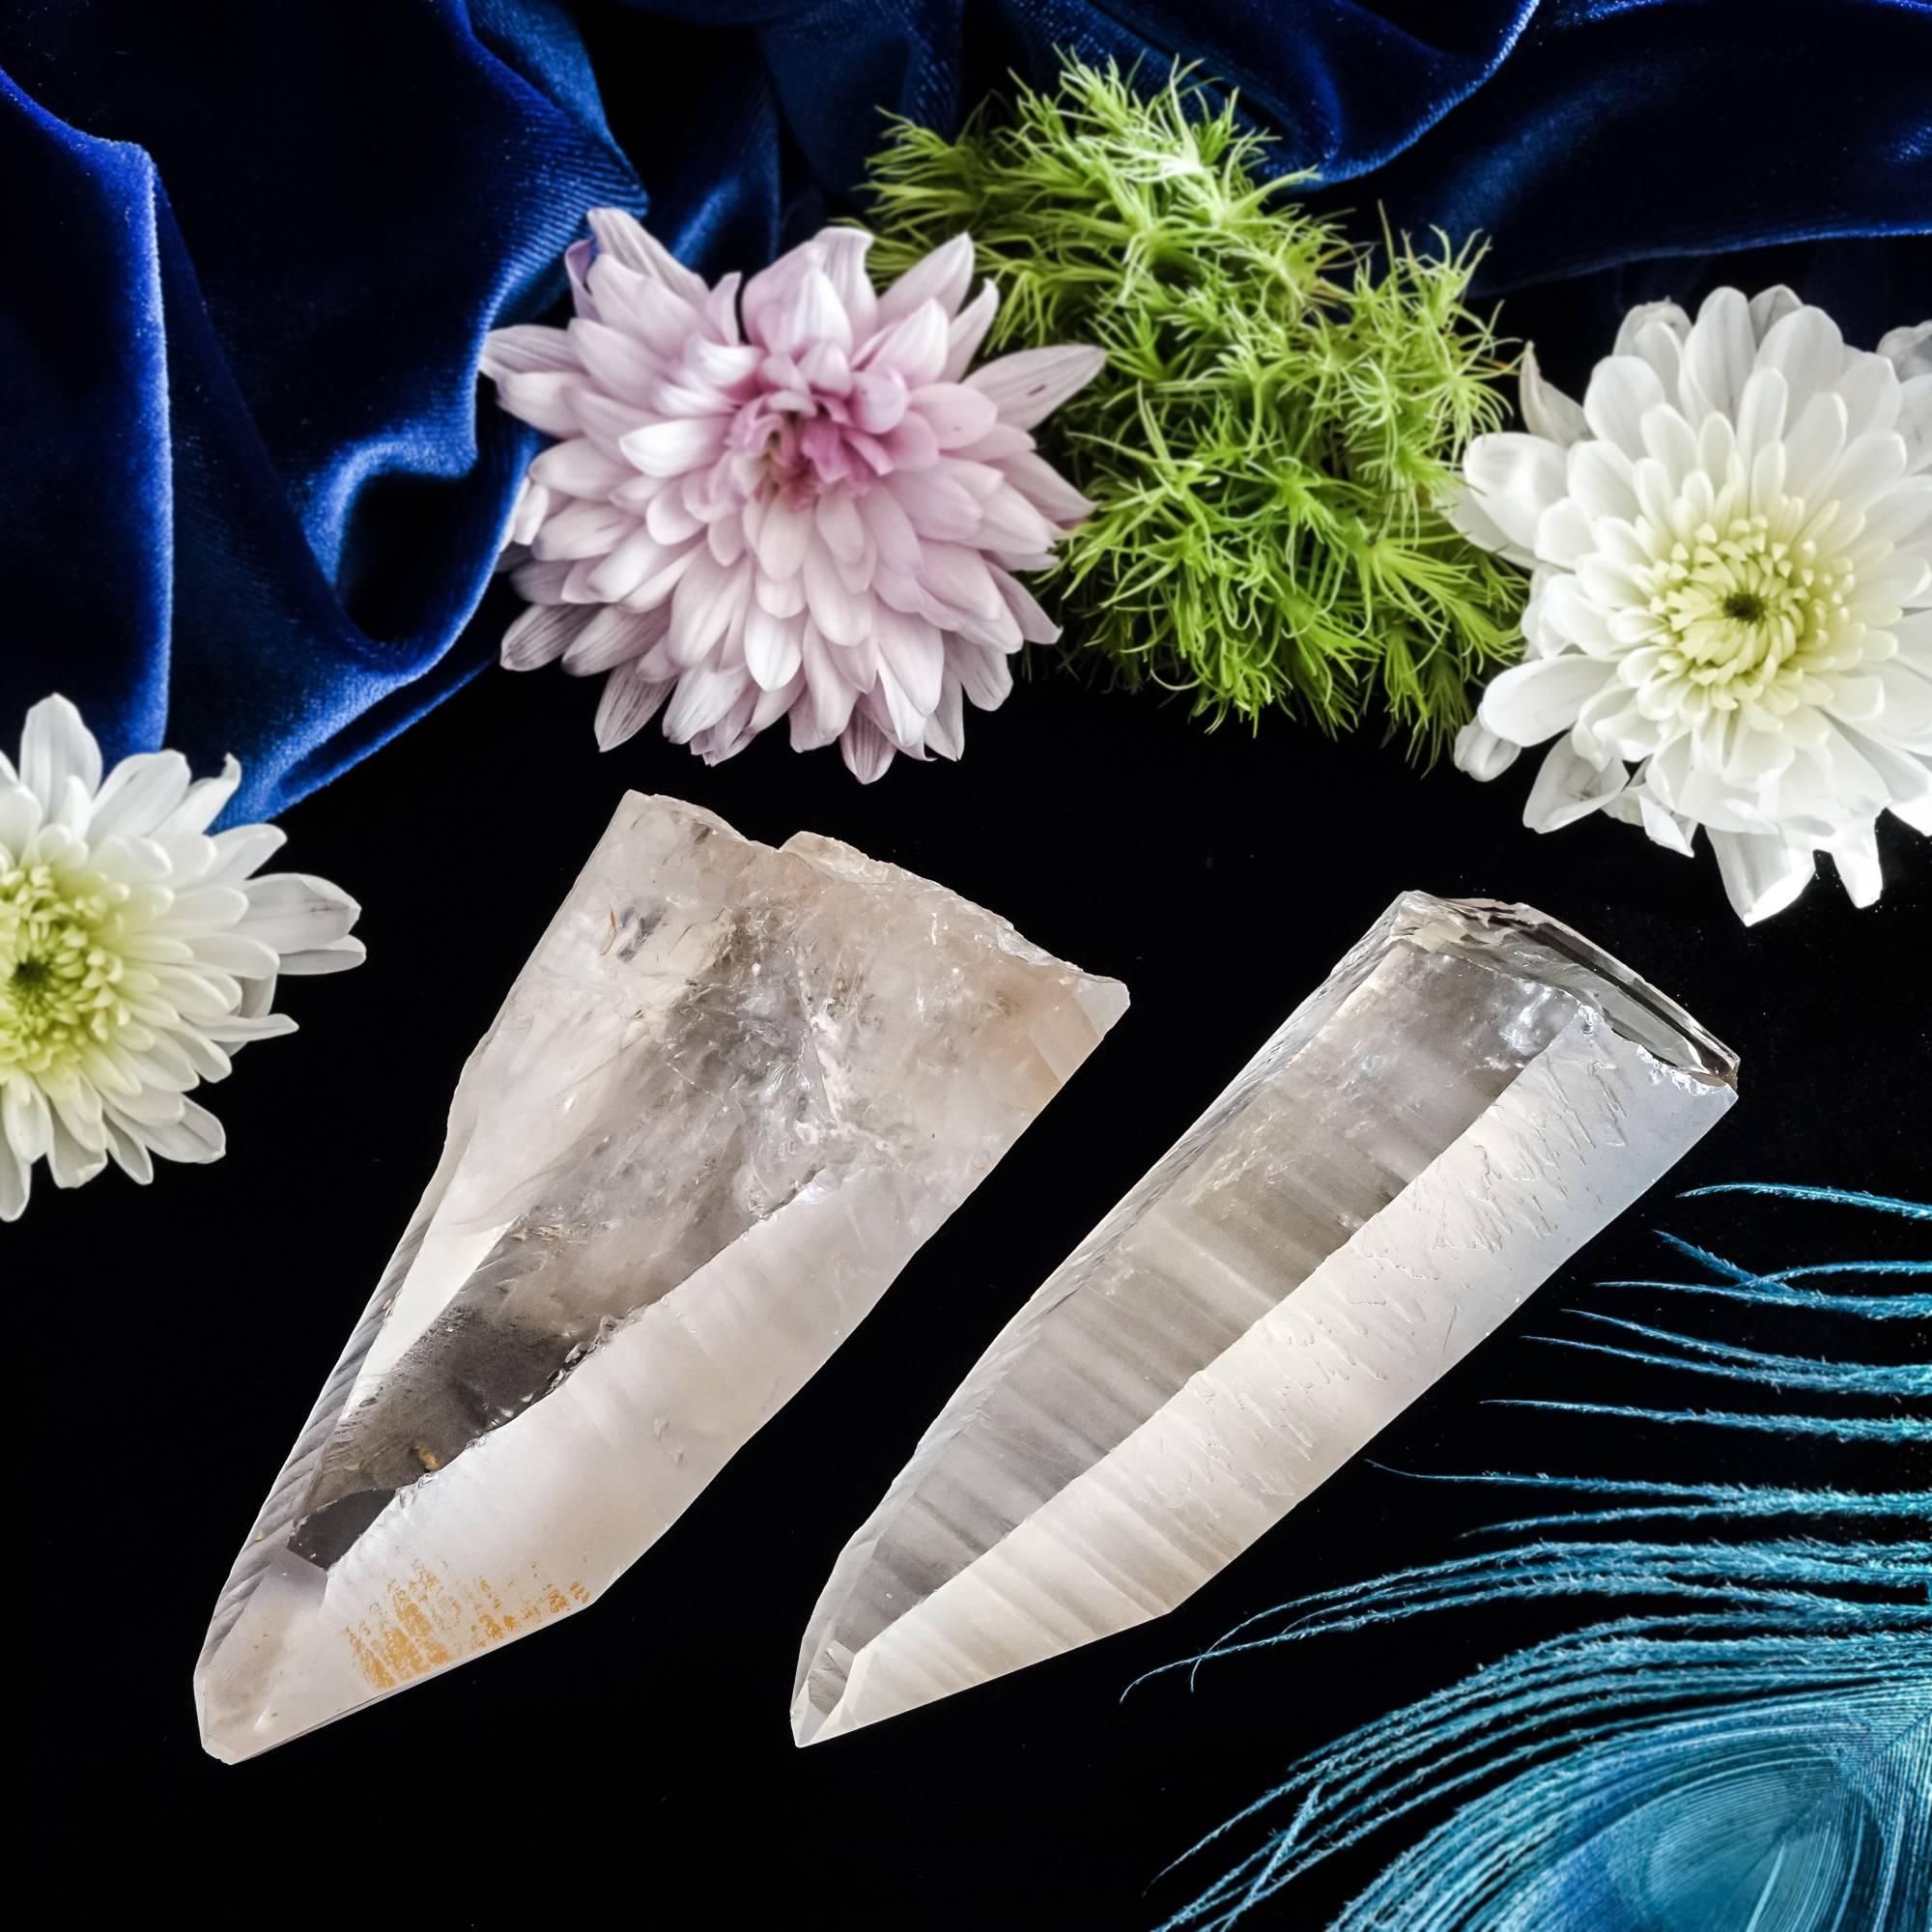 lemurian light crystals